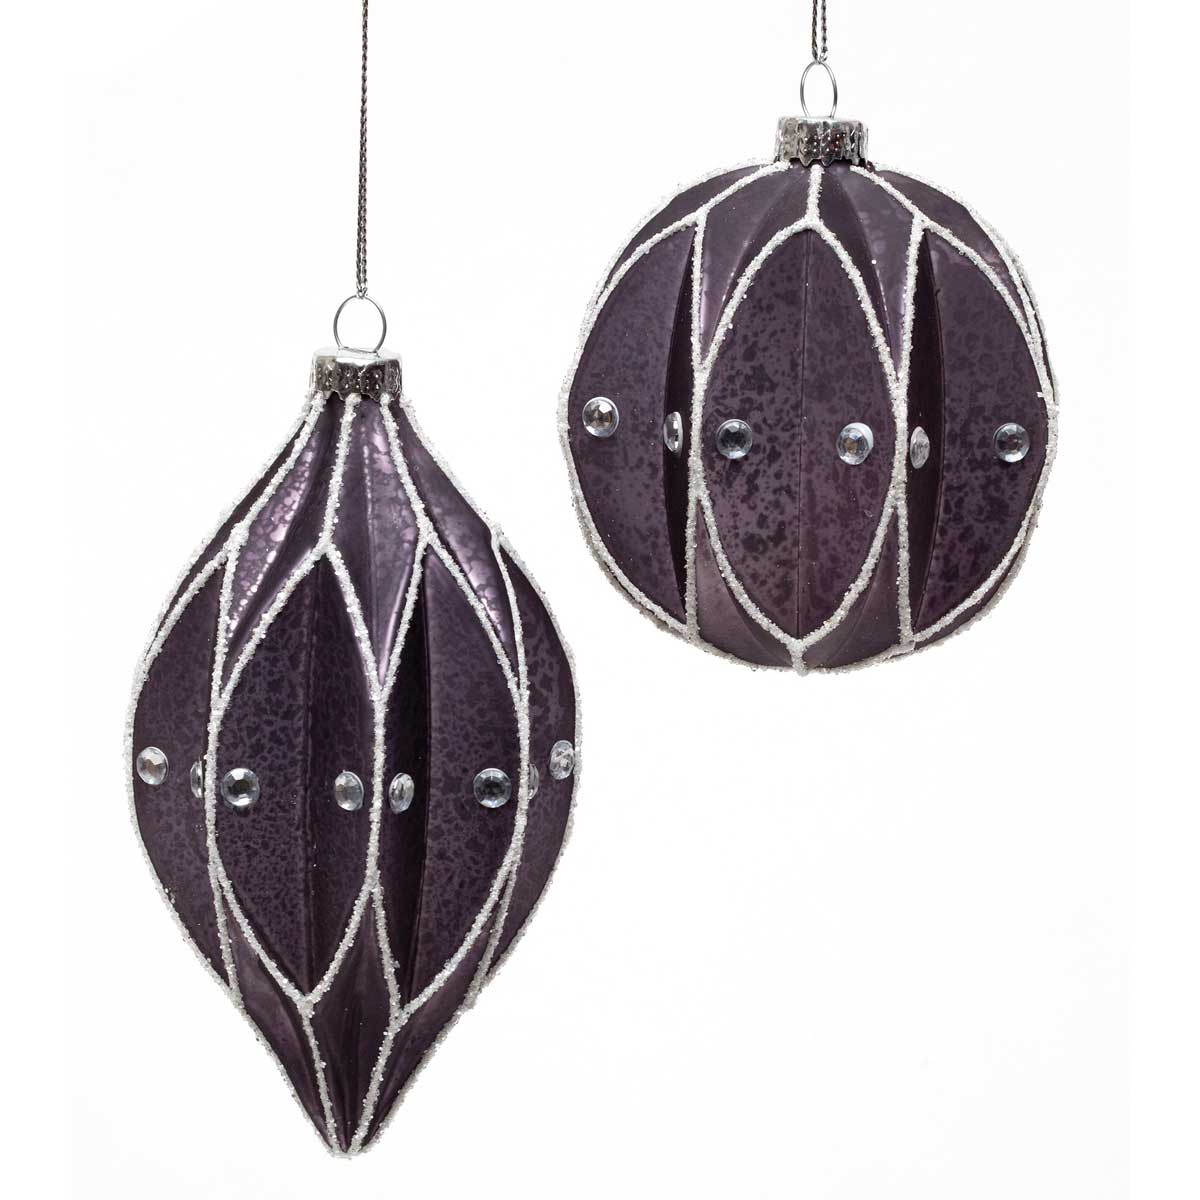 2 Piece Glass Ball/Finial Ornament Set